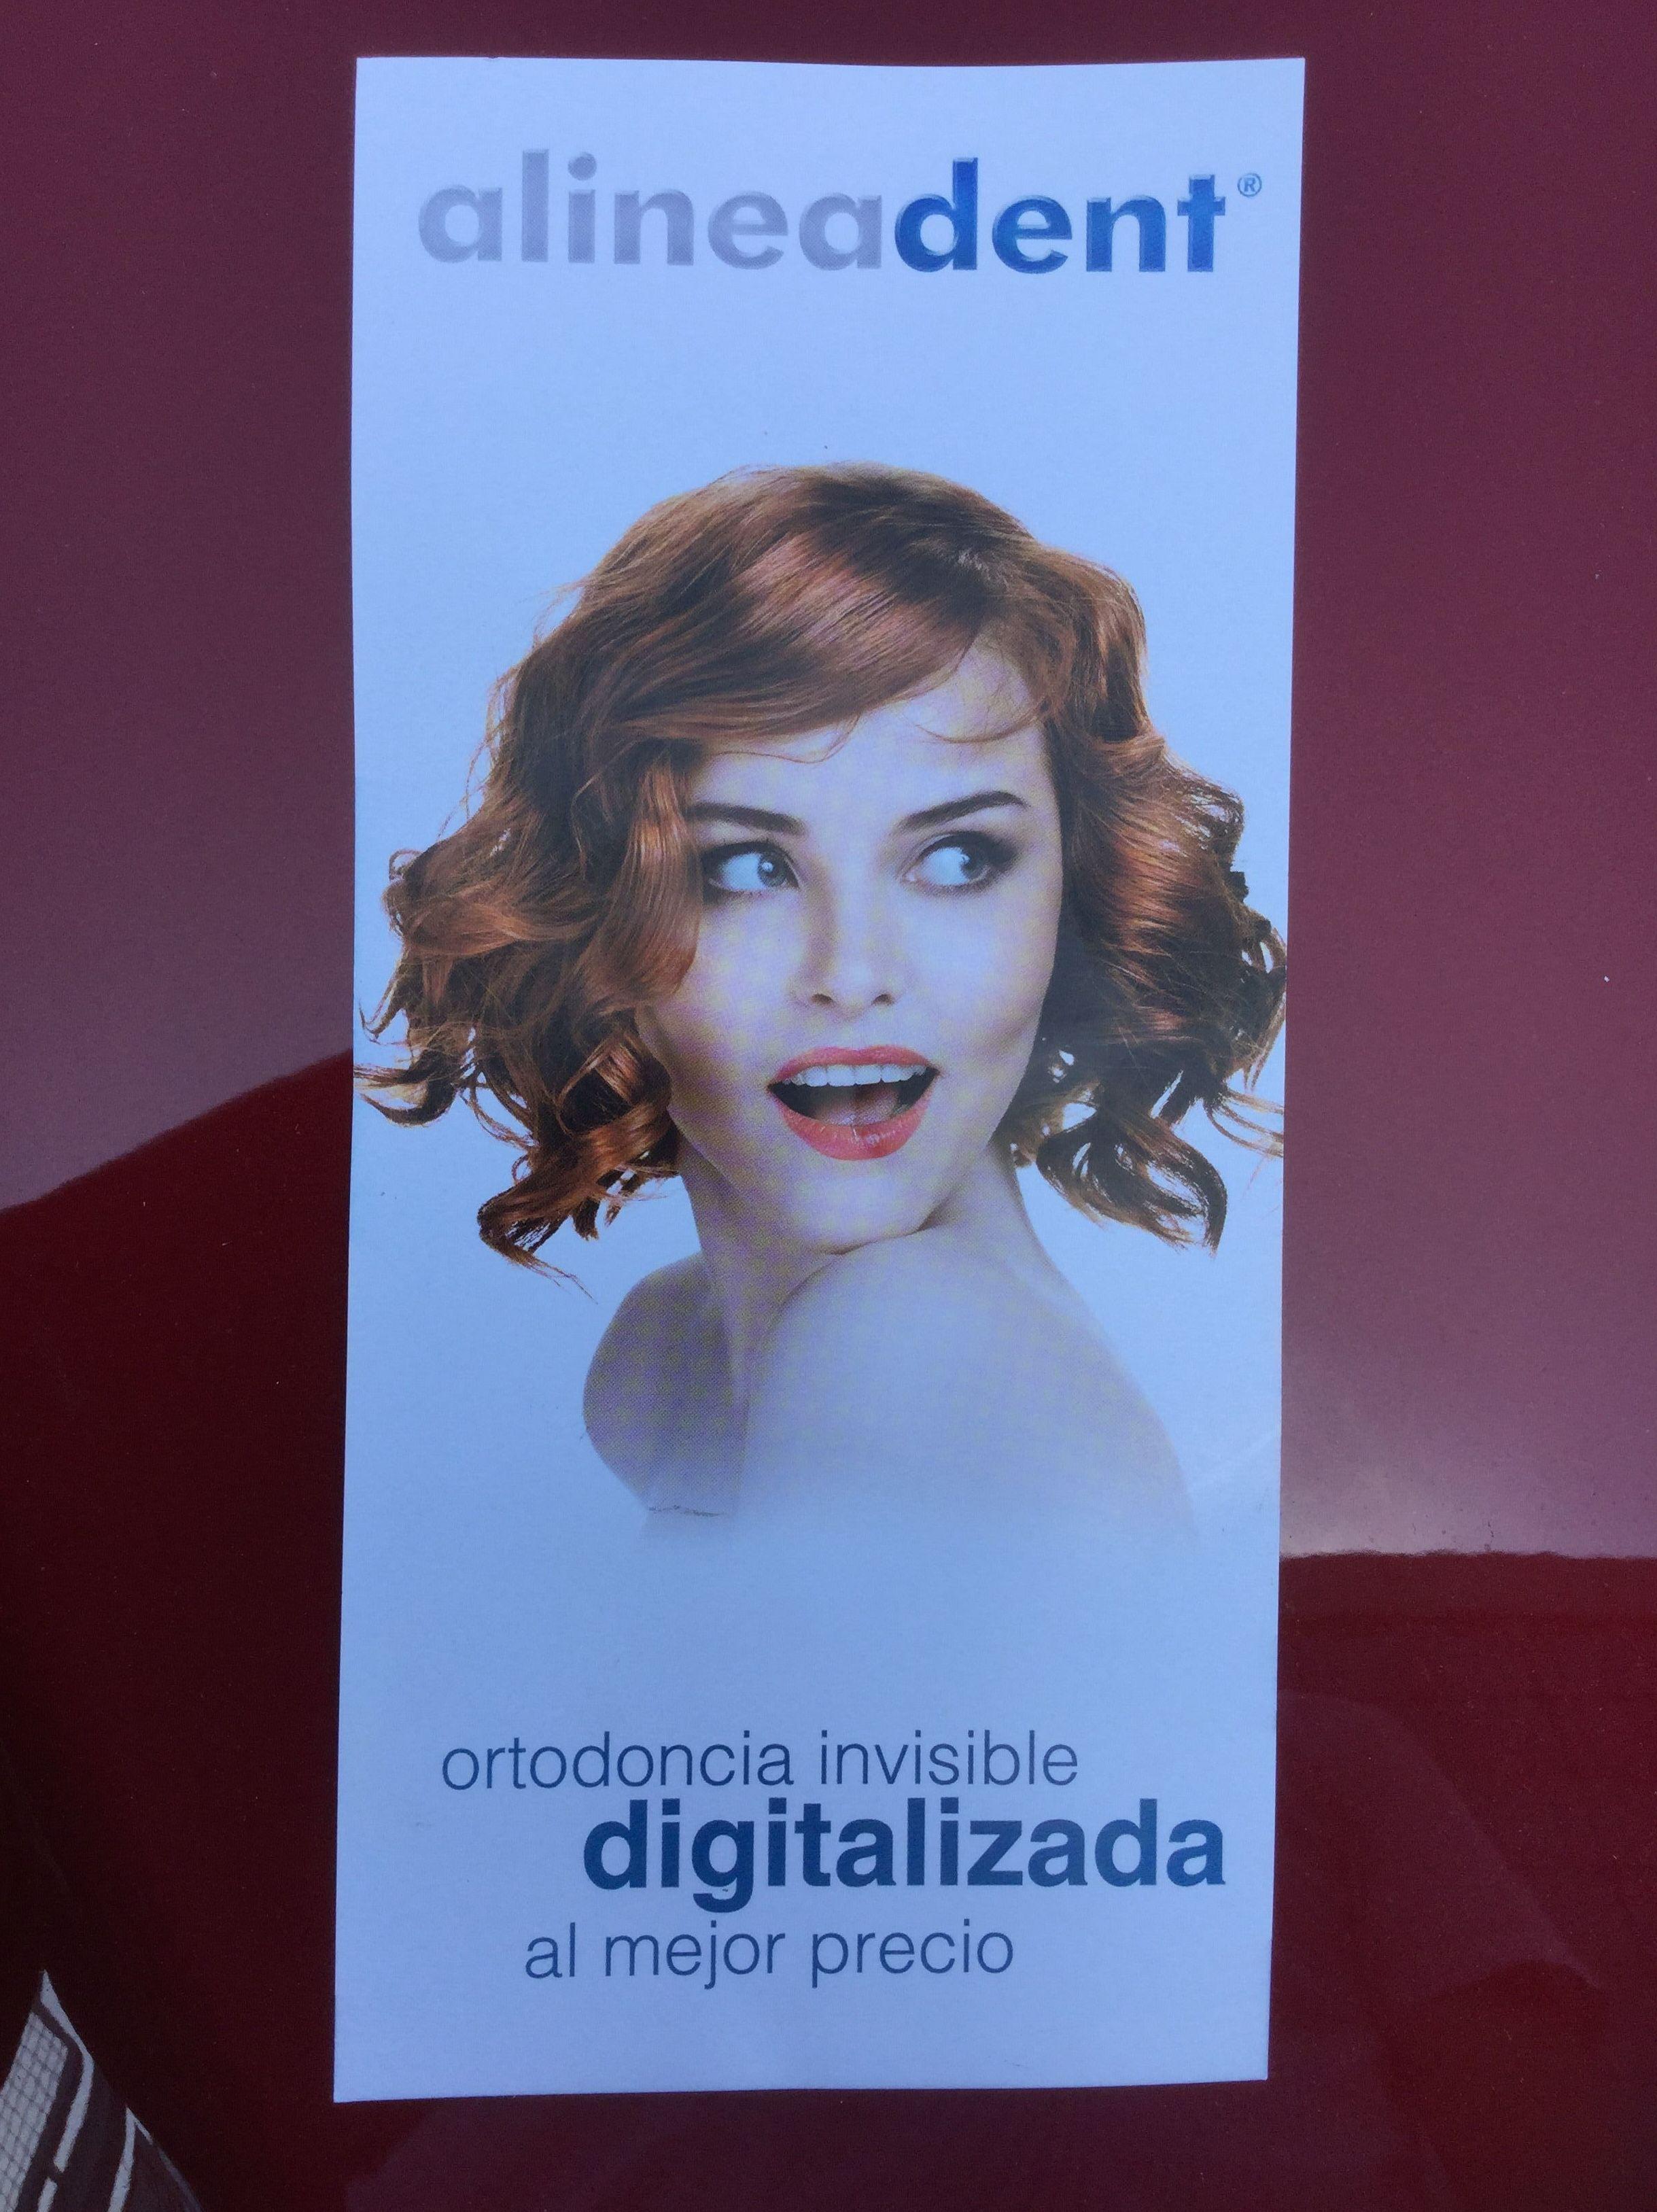 Ortodoncia invisible digitalizada